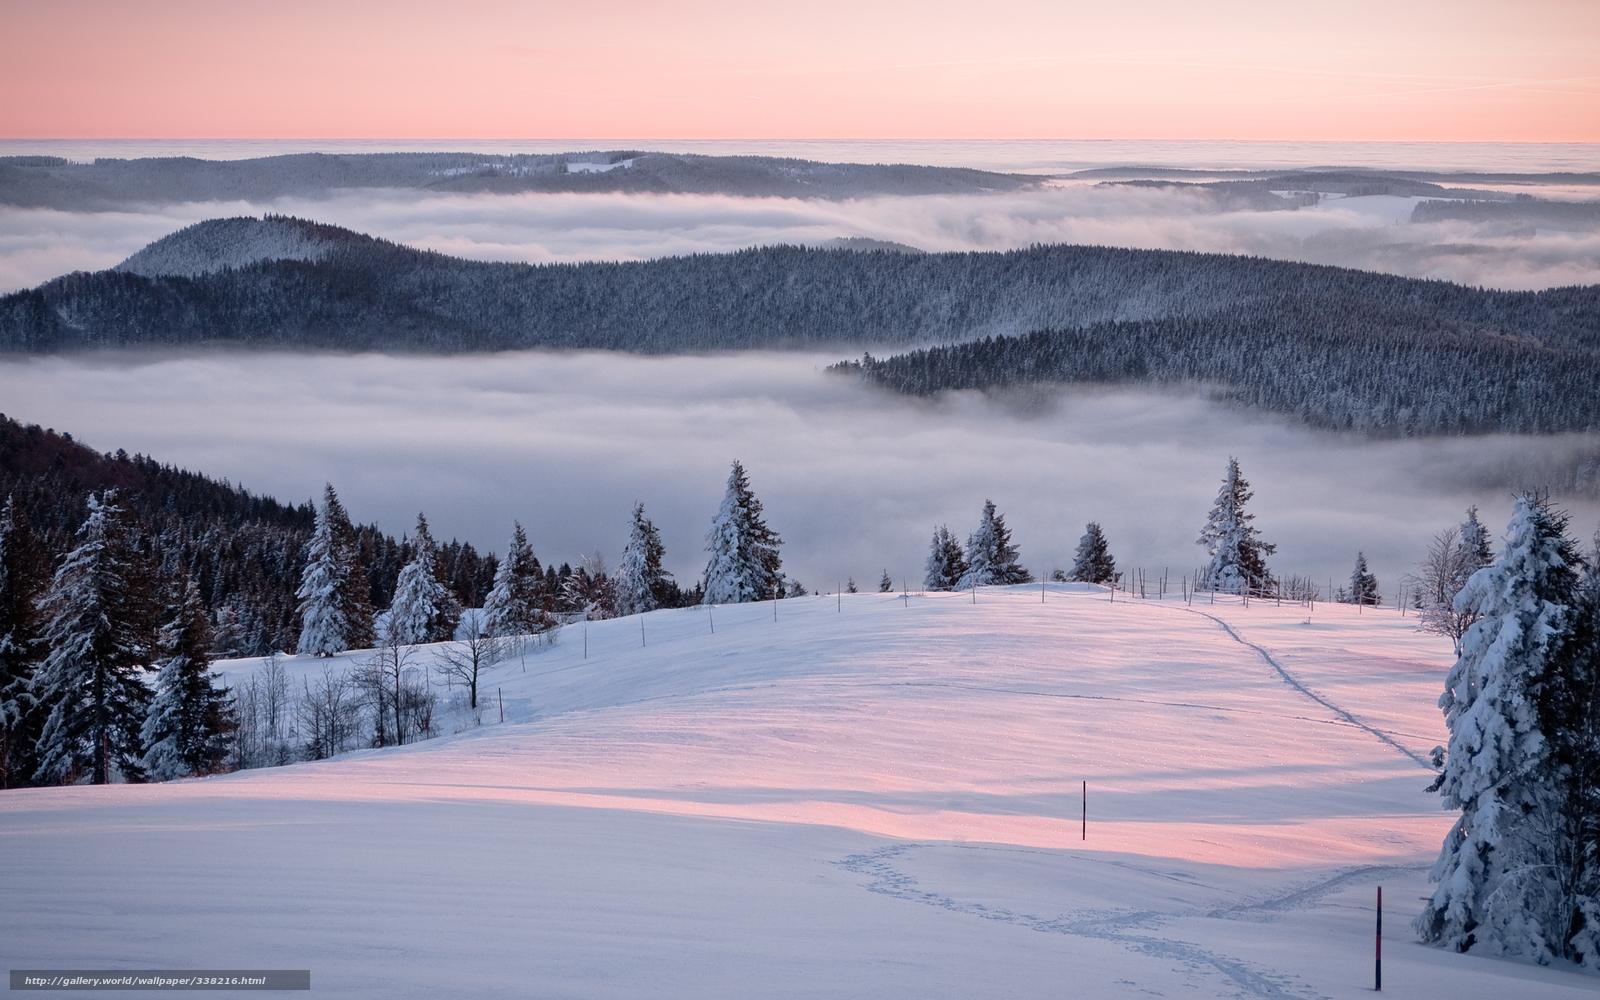 Scaricare gli sfondi paesaggi invernali inverno natura for Paesaggi invernali per desktop